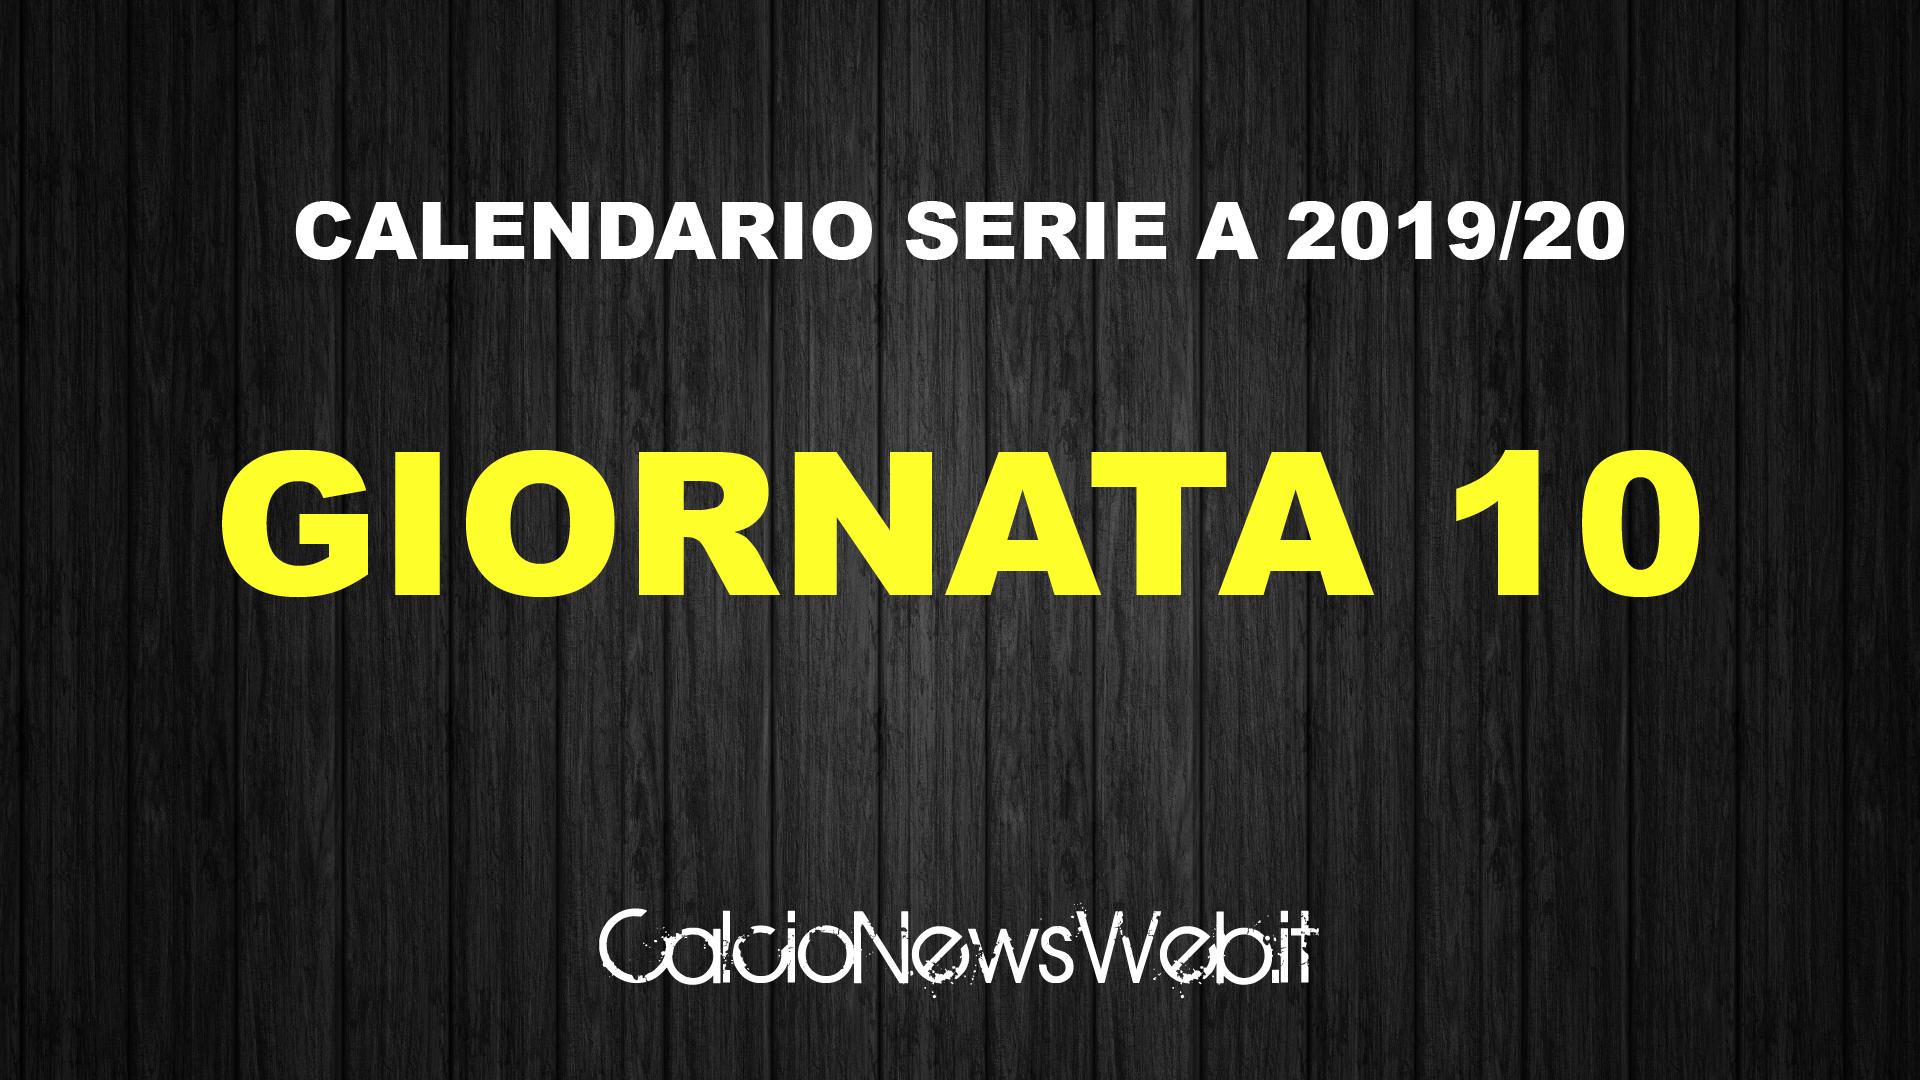 Calendario 10 Giornata Serie A.Calendario Serie A Ecco Le Partite Della Decima Giornata